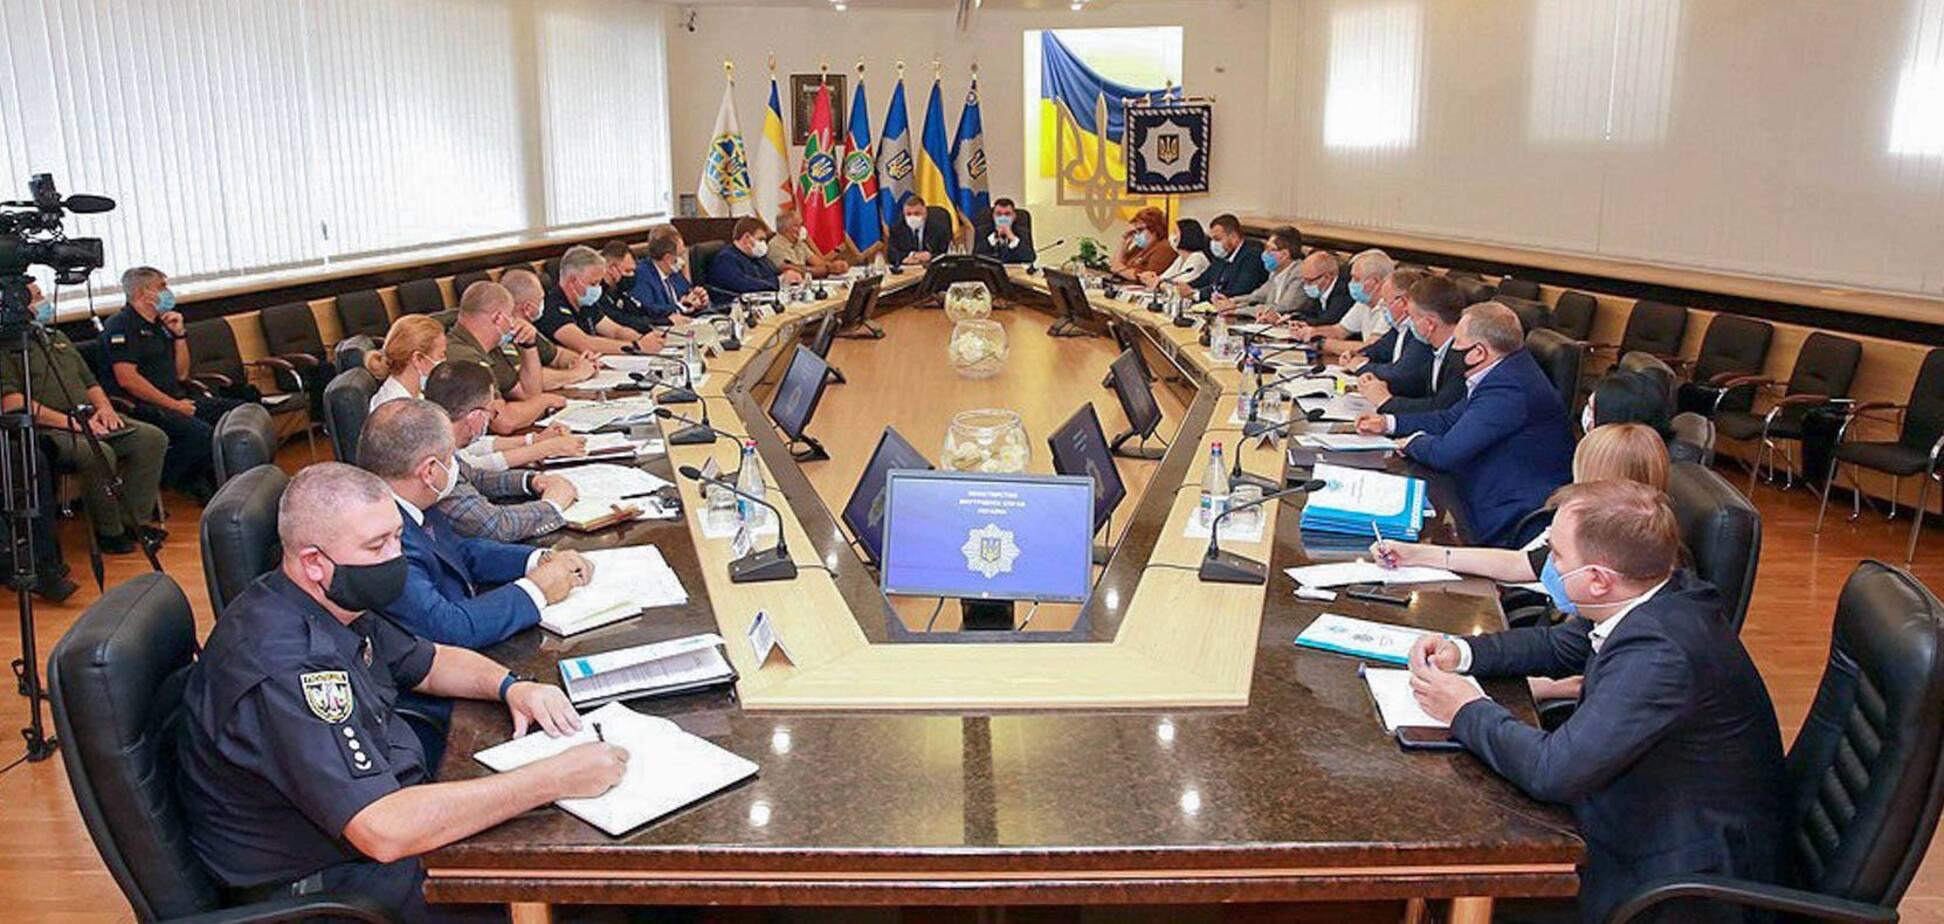 У МВС відбулася координаційна нарада щодо забезпечення прозорості виборчого процесу. Фото: пресслужба МВС